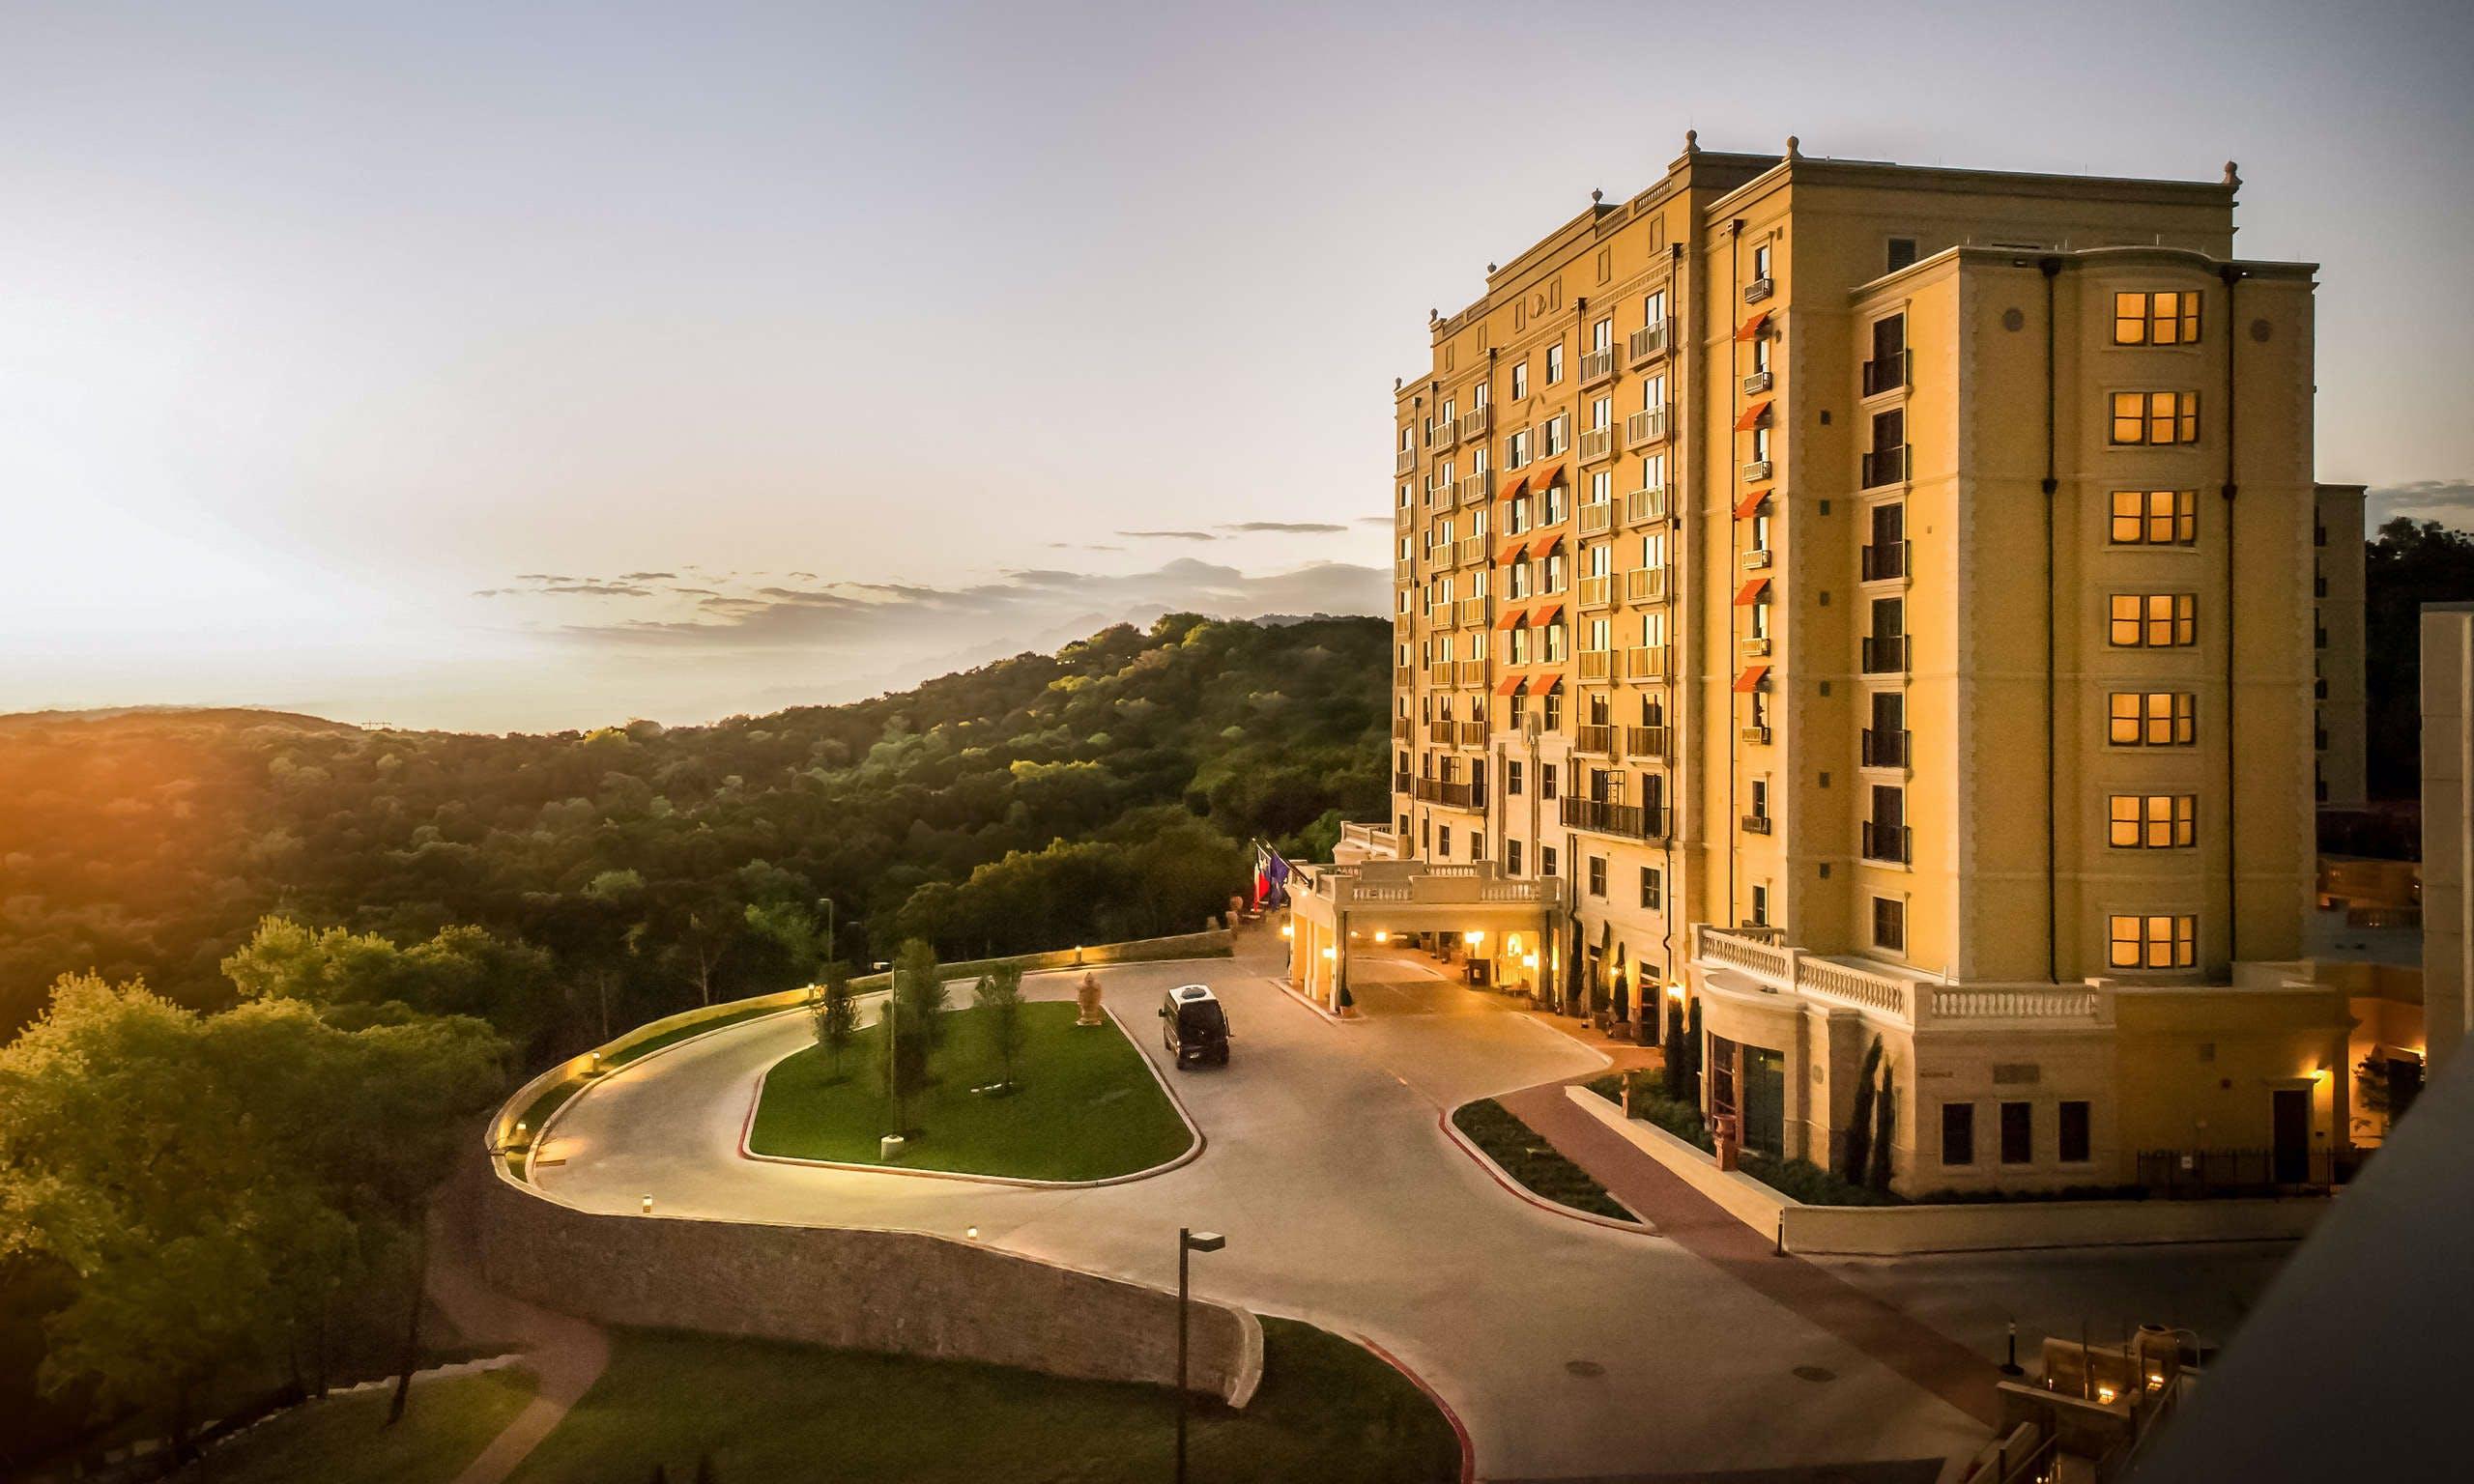 Last Minute Hotel Deals in Austin - HotelTonight